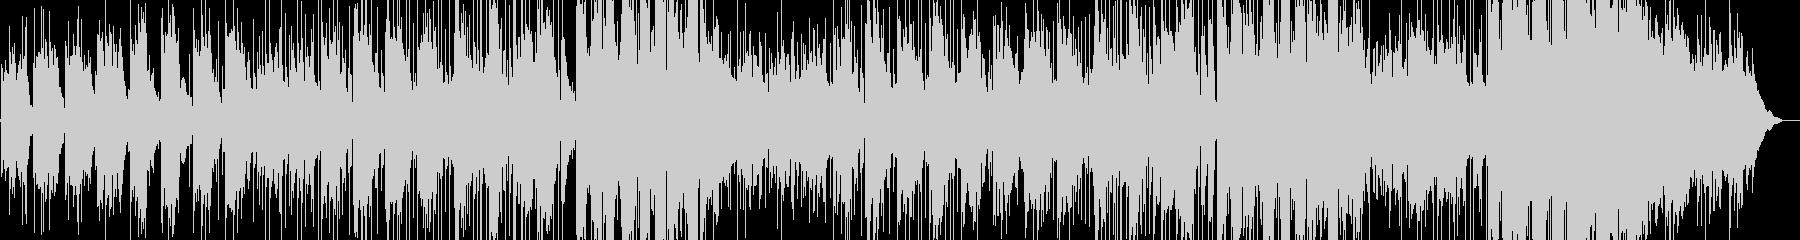 メランコリックなアコースティックバラードの未再生の波形